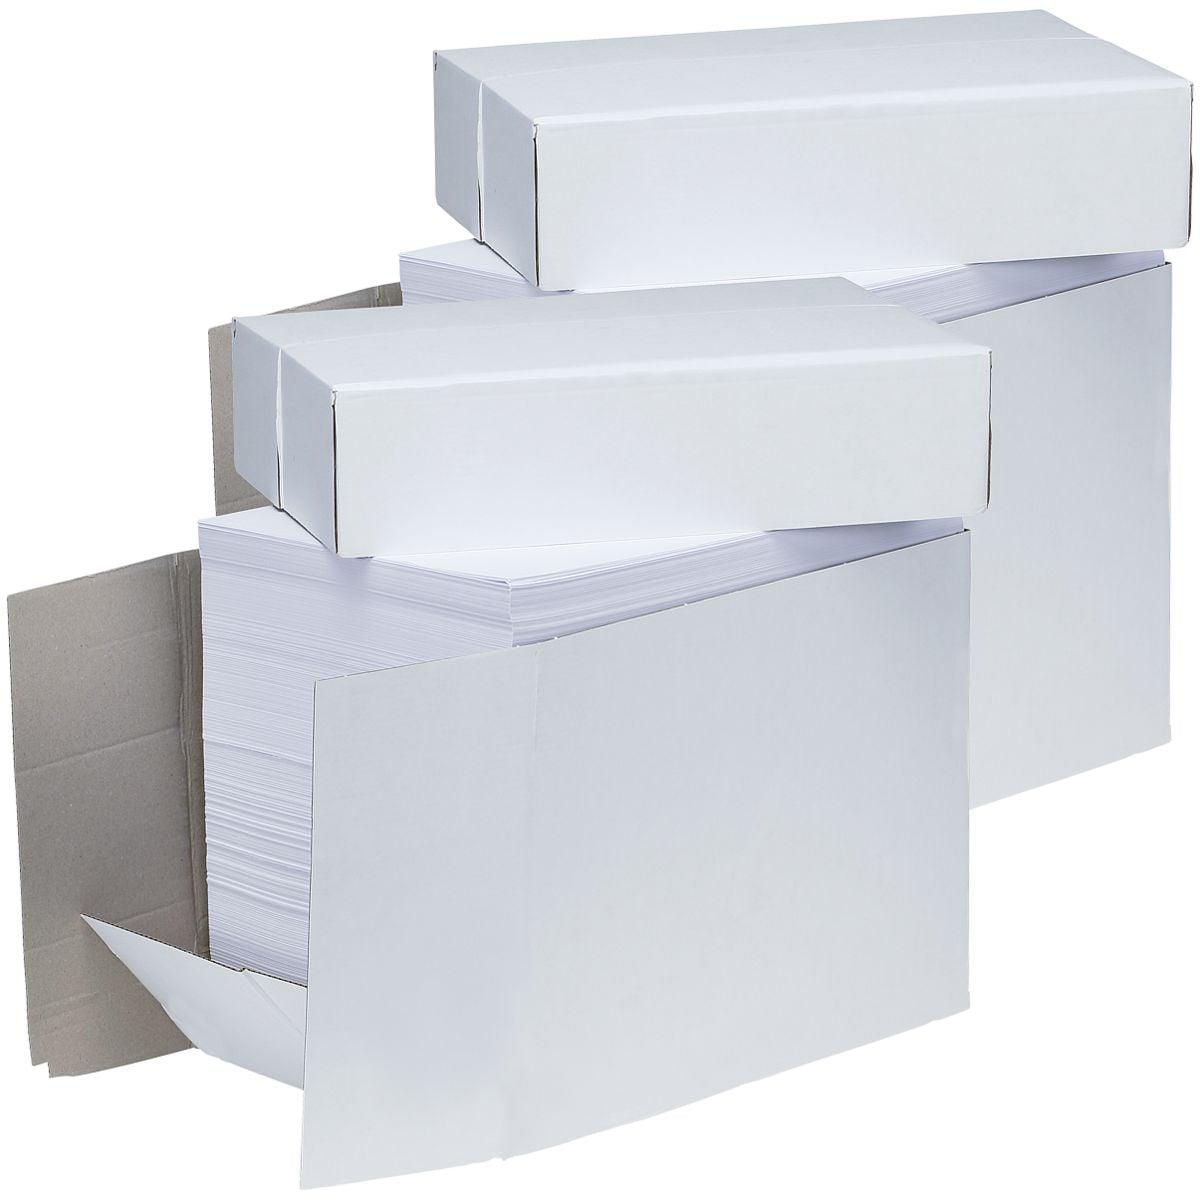 2x Öko-Box Kopierpapier A4 - 5000 Blatt gesamt, 80 g/m²